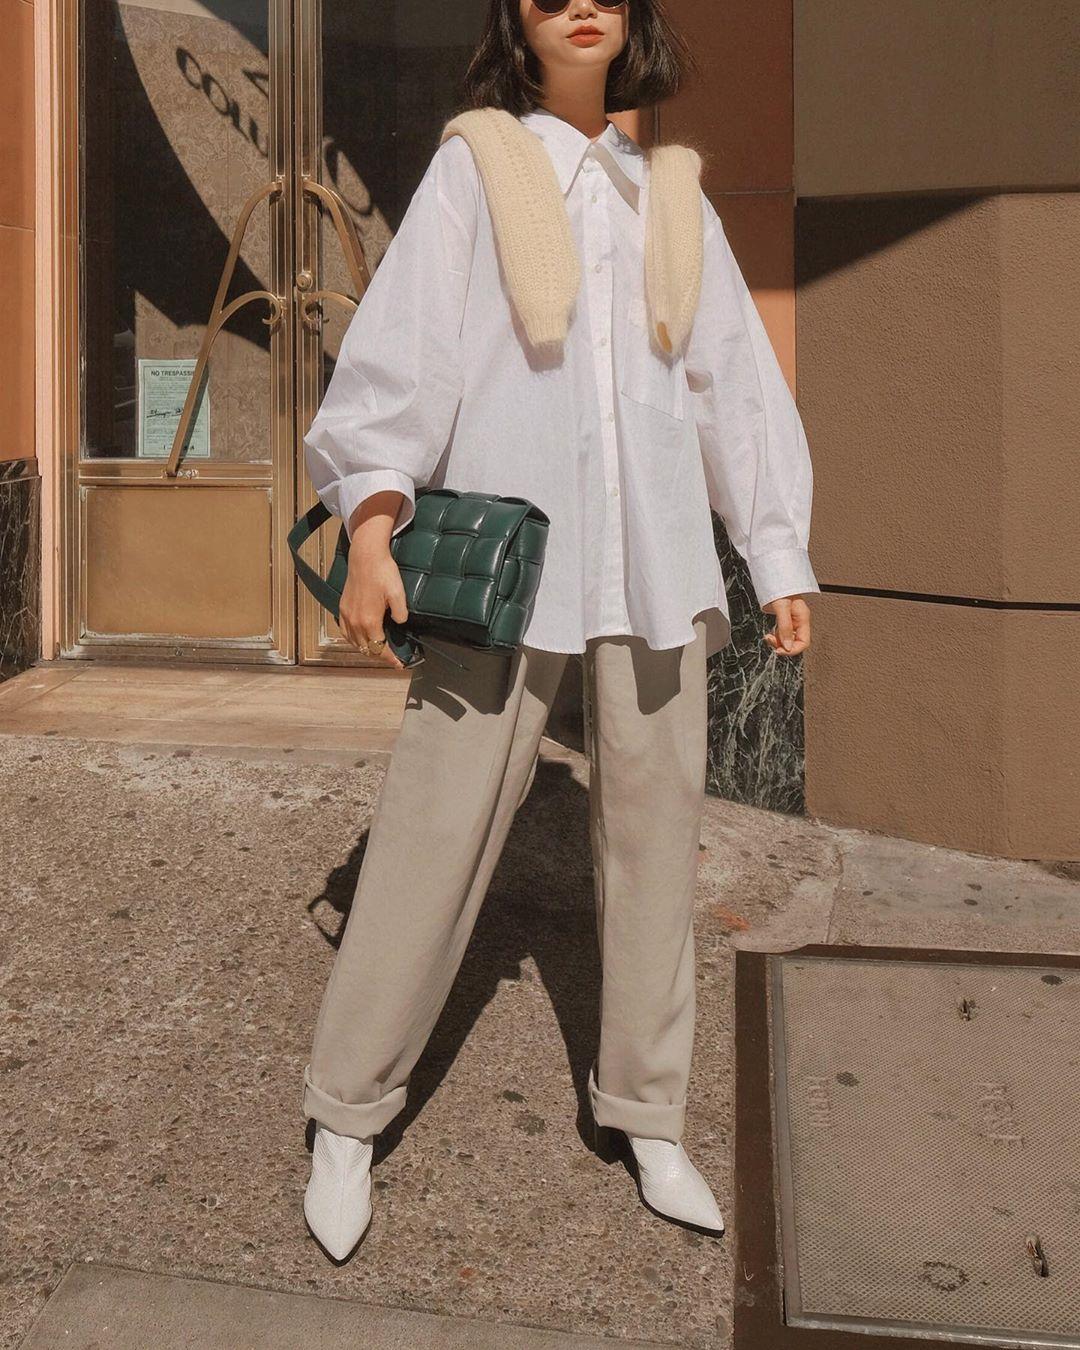 cô gái phối layer với áo sơ mi trắng và choàng áo sweater